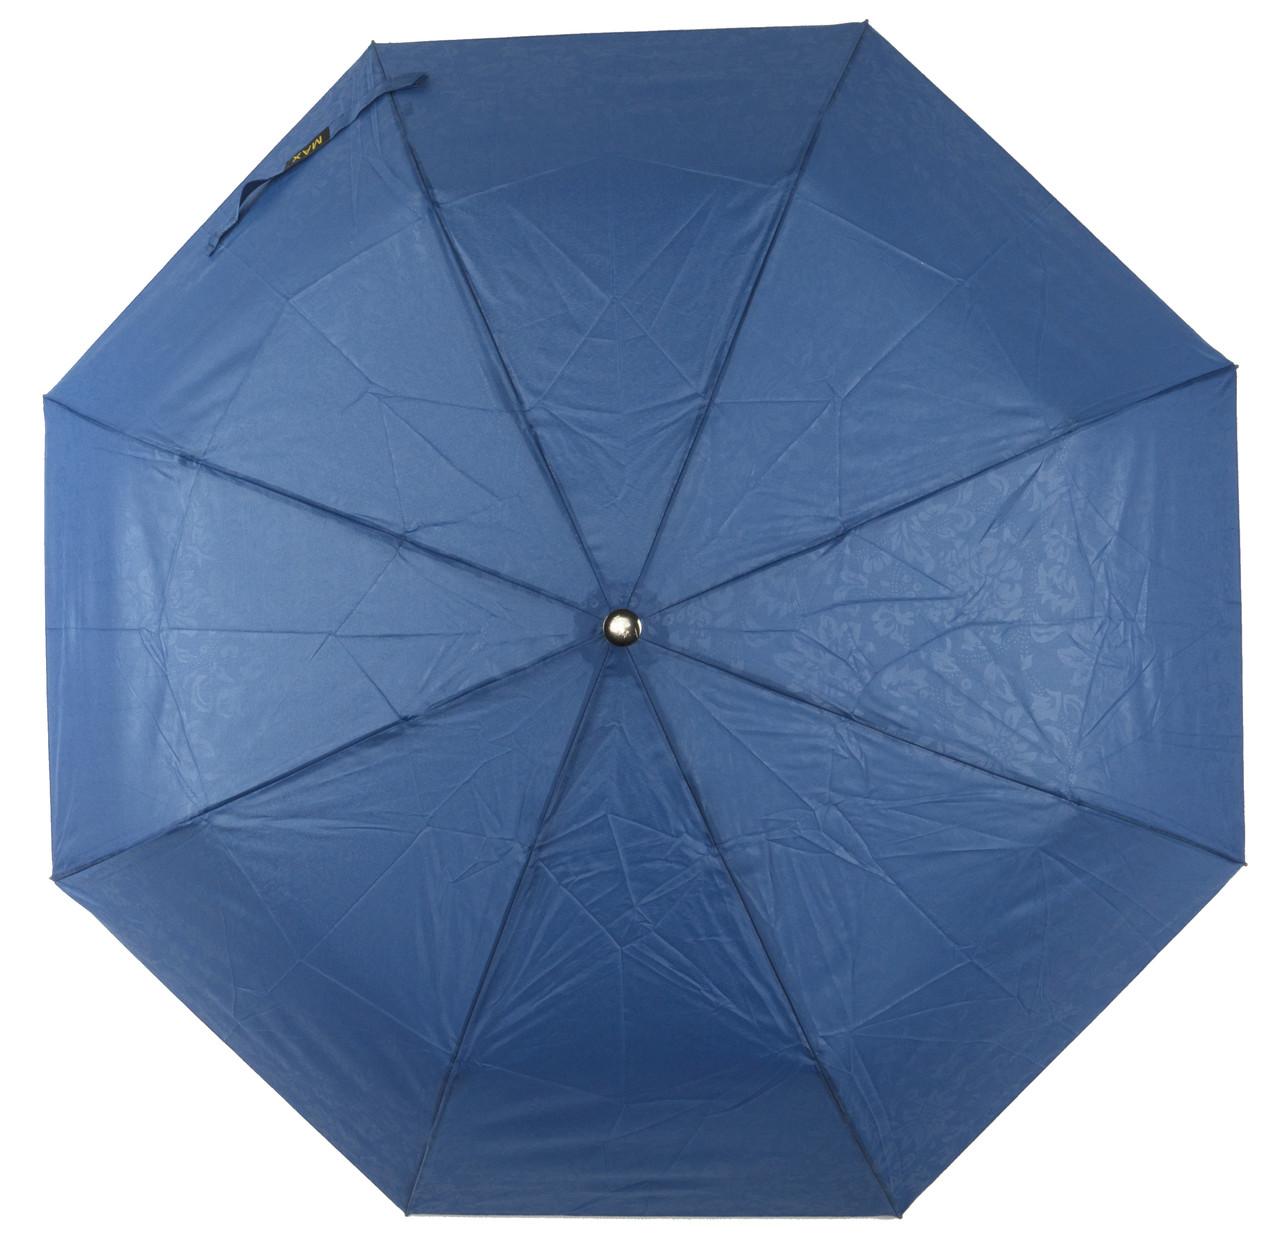 Женский красивый прочный зонтик полуавтомат с тисненым узором  MAX  art. 2050